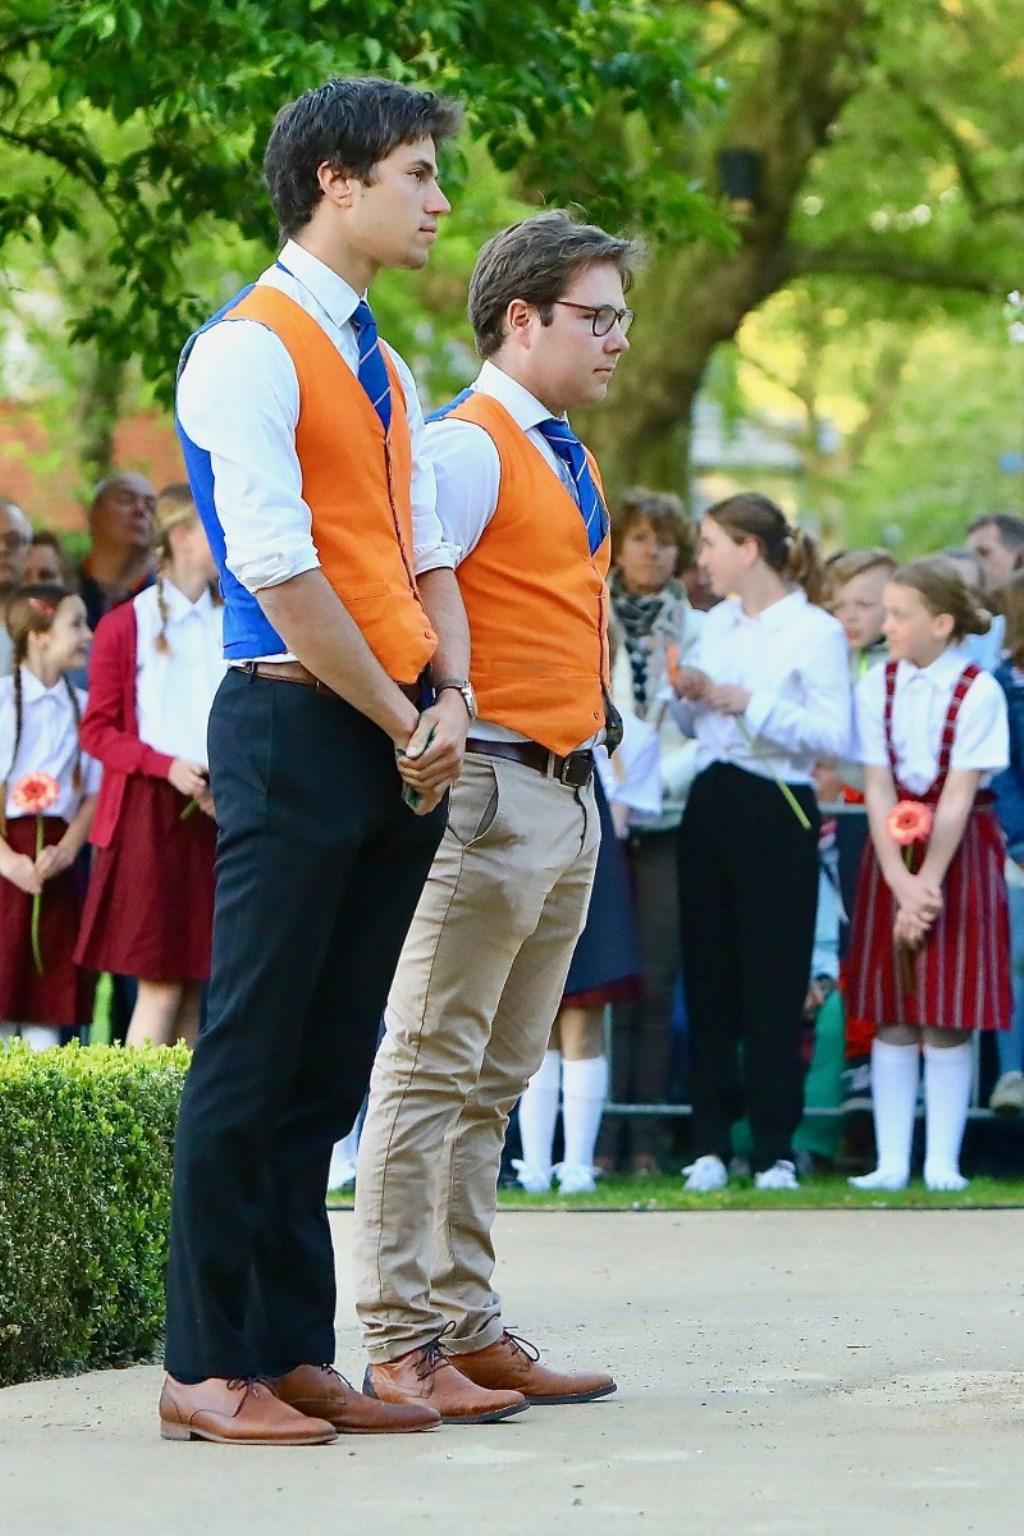 Foto: Delft op zondag © RODI Media-zh